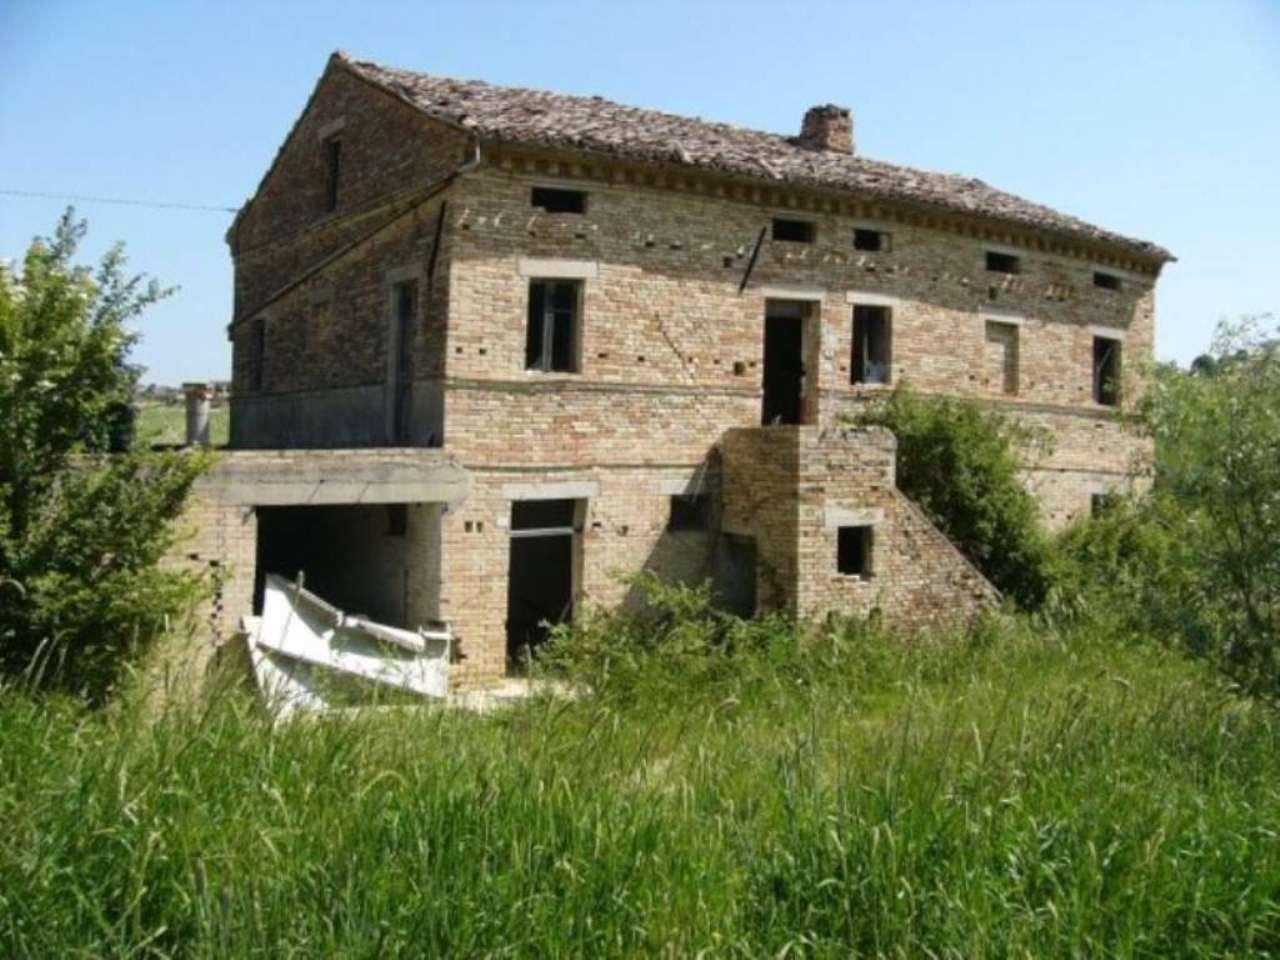 Rustico / Casale in vendita a Rapagnano, 6 locali, prezzo € 70.000 | Cambio Casa.it